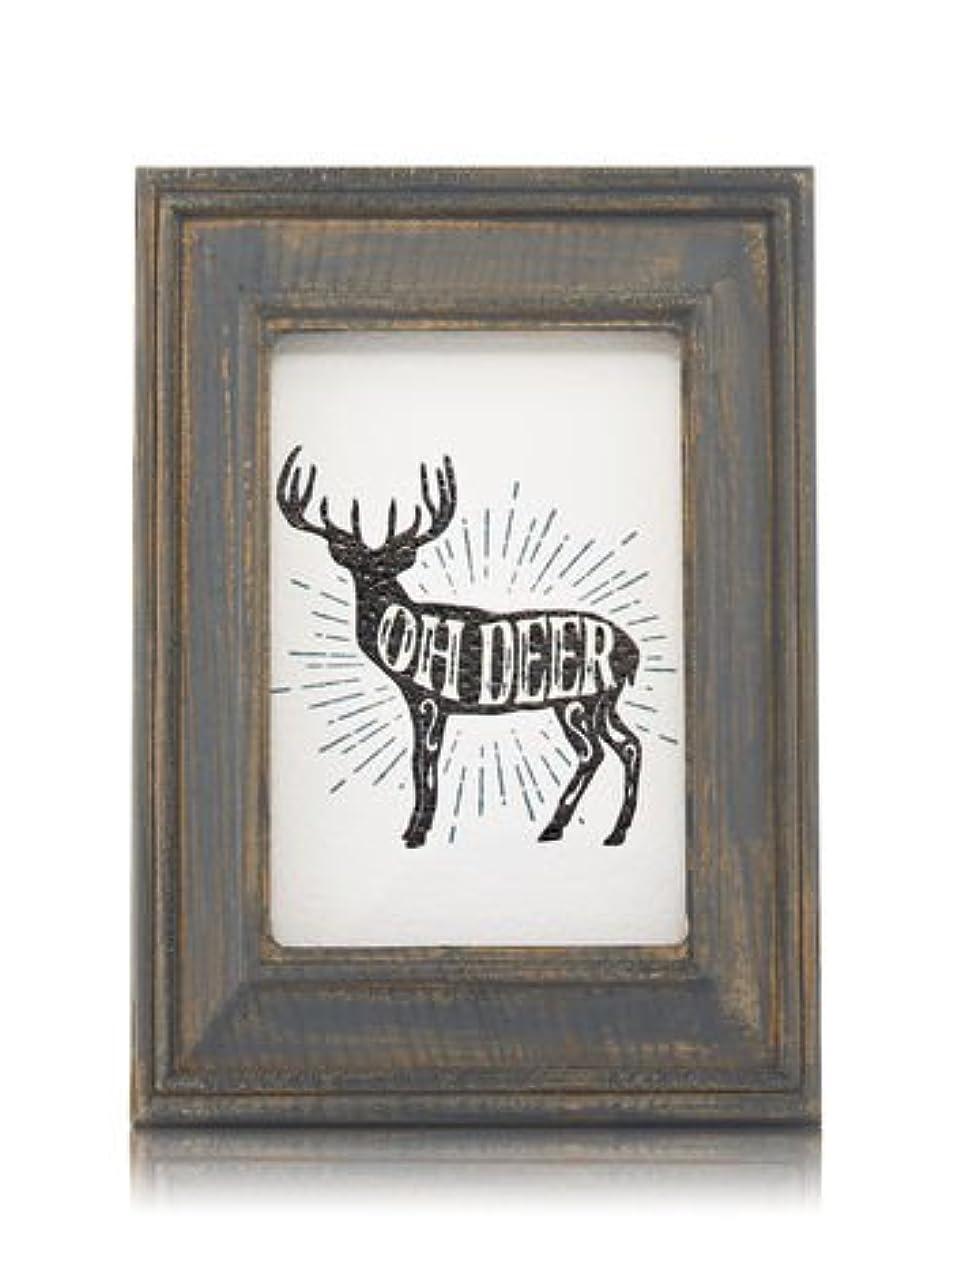 若さ満員フルーティー【Bath&Body Works/バス&ボディワークス】 ルームフレグランス プラグインスターター (本体のみ) ウッドフレーム トナカイ Wallflowers Fragrance Plug Wooden Oh Deer Frame [並行輸入品]